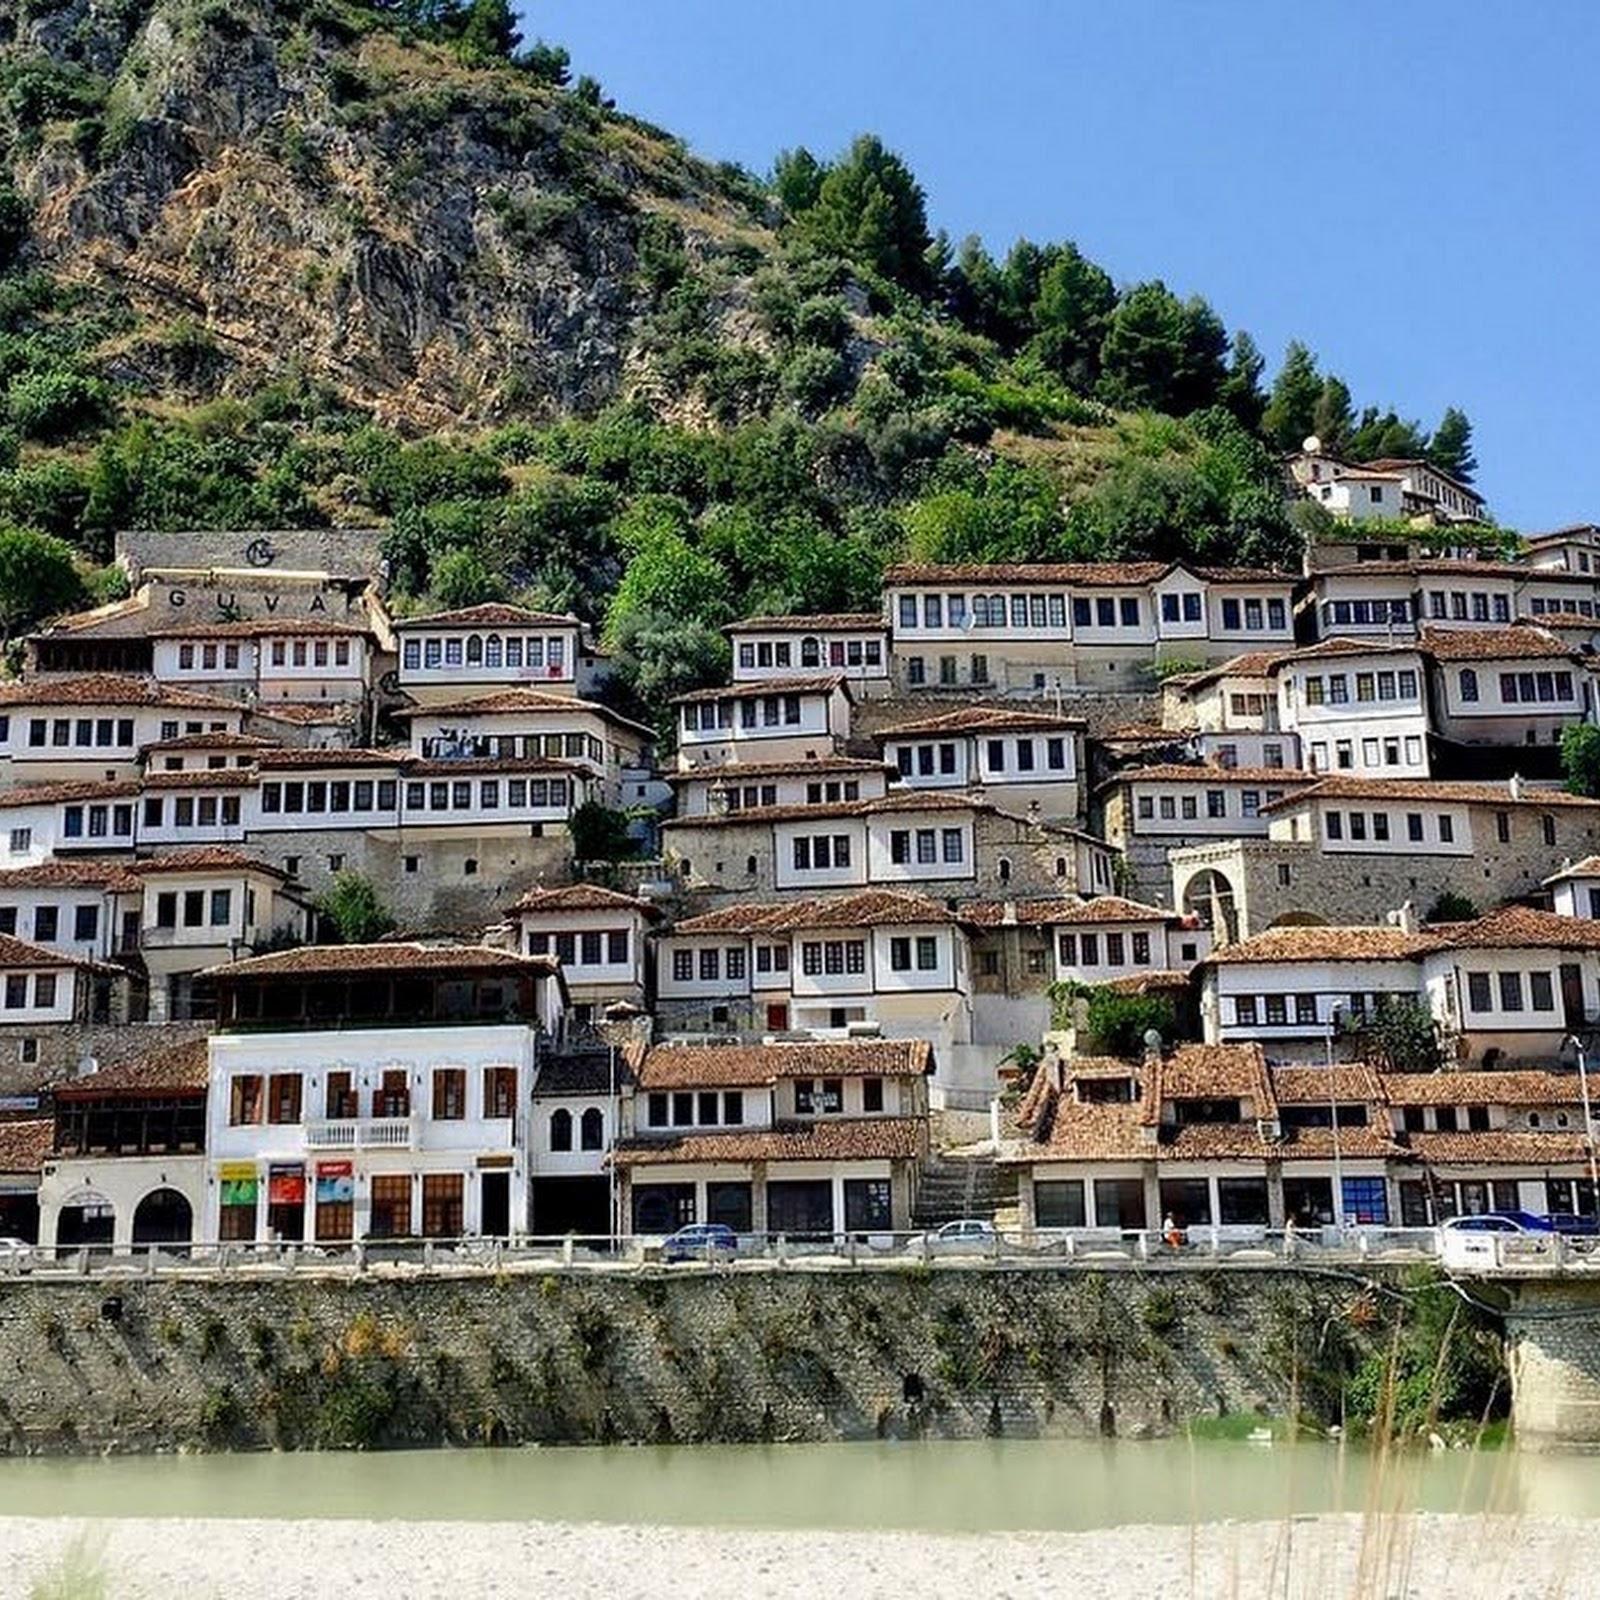 Berat, The City of Thousand Windows